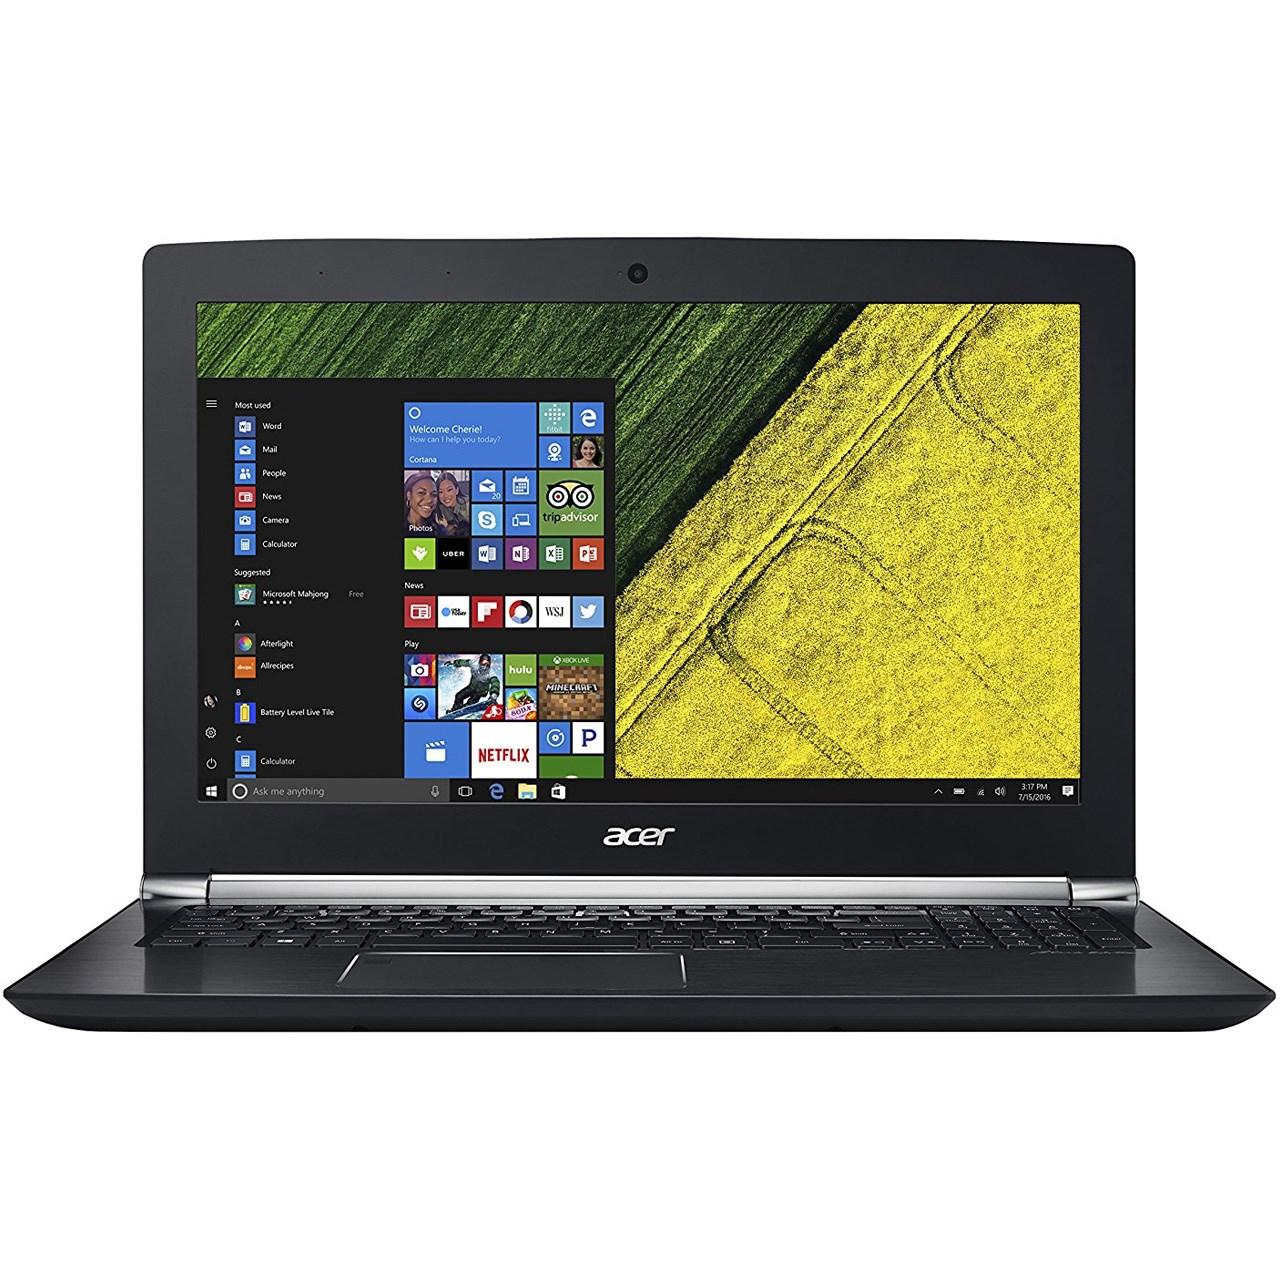 لپ تاپ 15 اینچی ایسر مدل Aspire V15 Nitro VN7-593G-70CT | Acer Aspire V15 Nitro VN7-593G-70CT - 15 inch Laptop